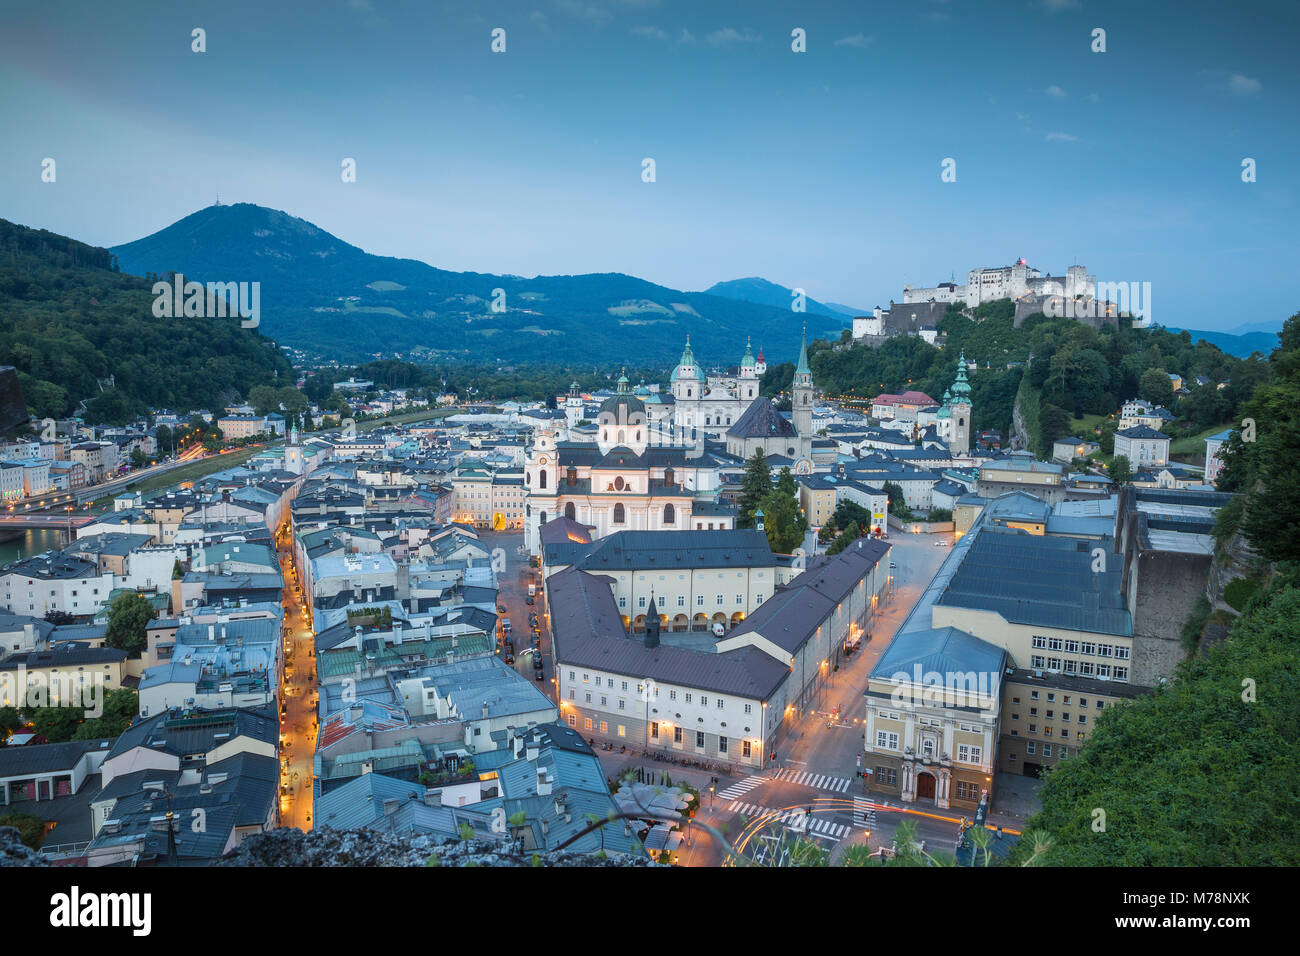 Vista del Castillo de Hohensalzburg por encima de la ciudad vieja, Patrimonio Mundial de la UNESCO, Salzburgo, Austria, Imagen De Stock